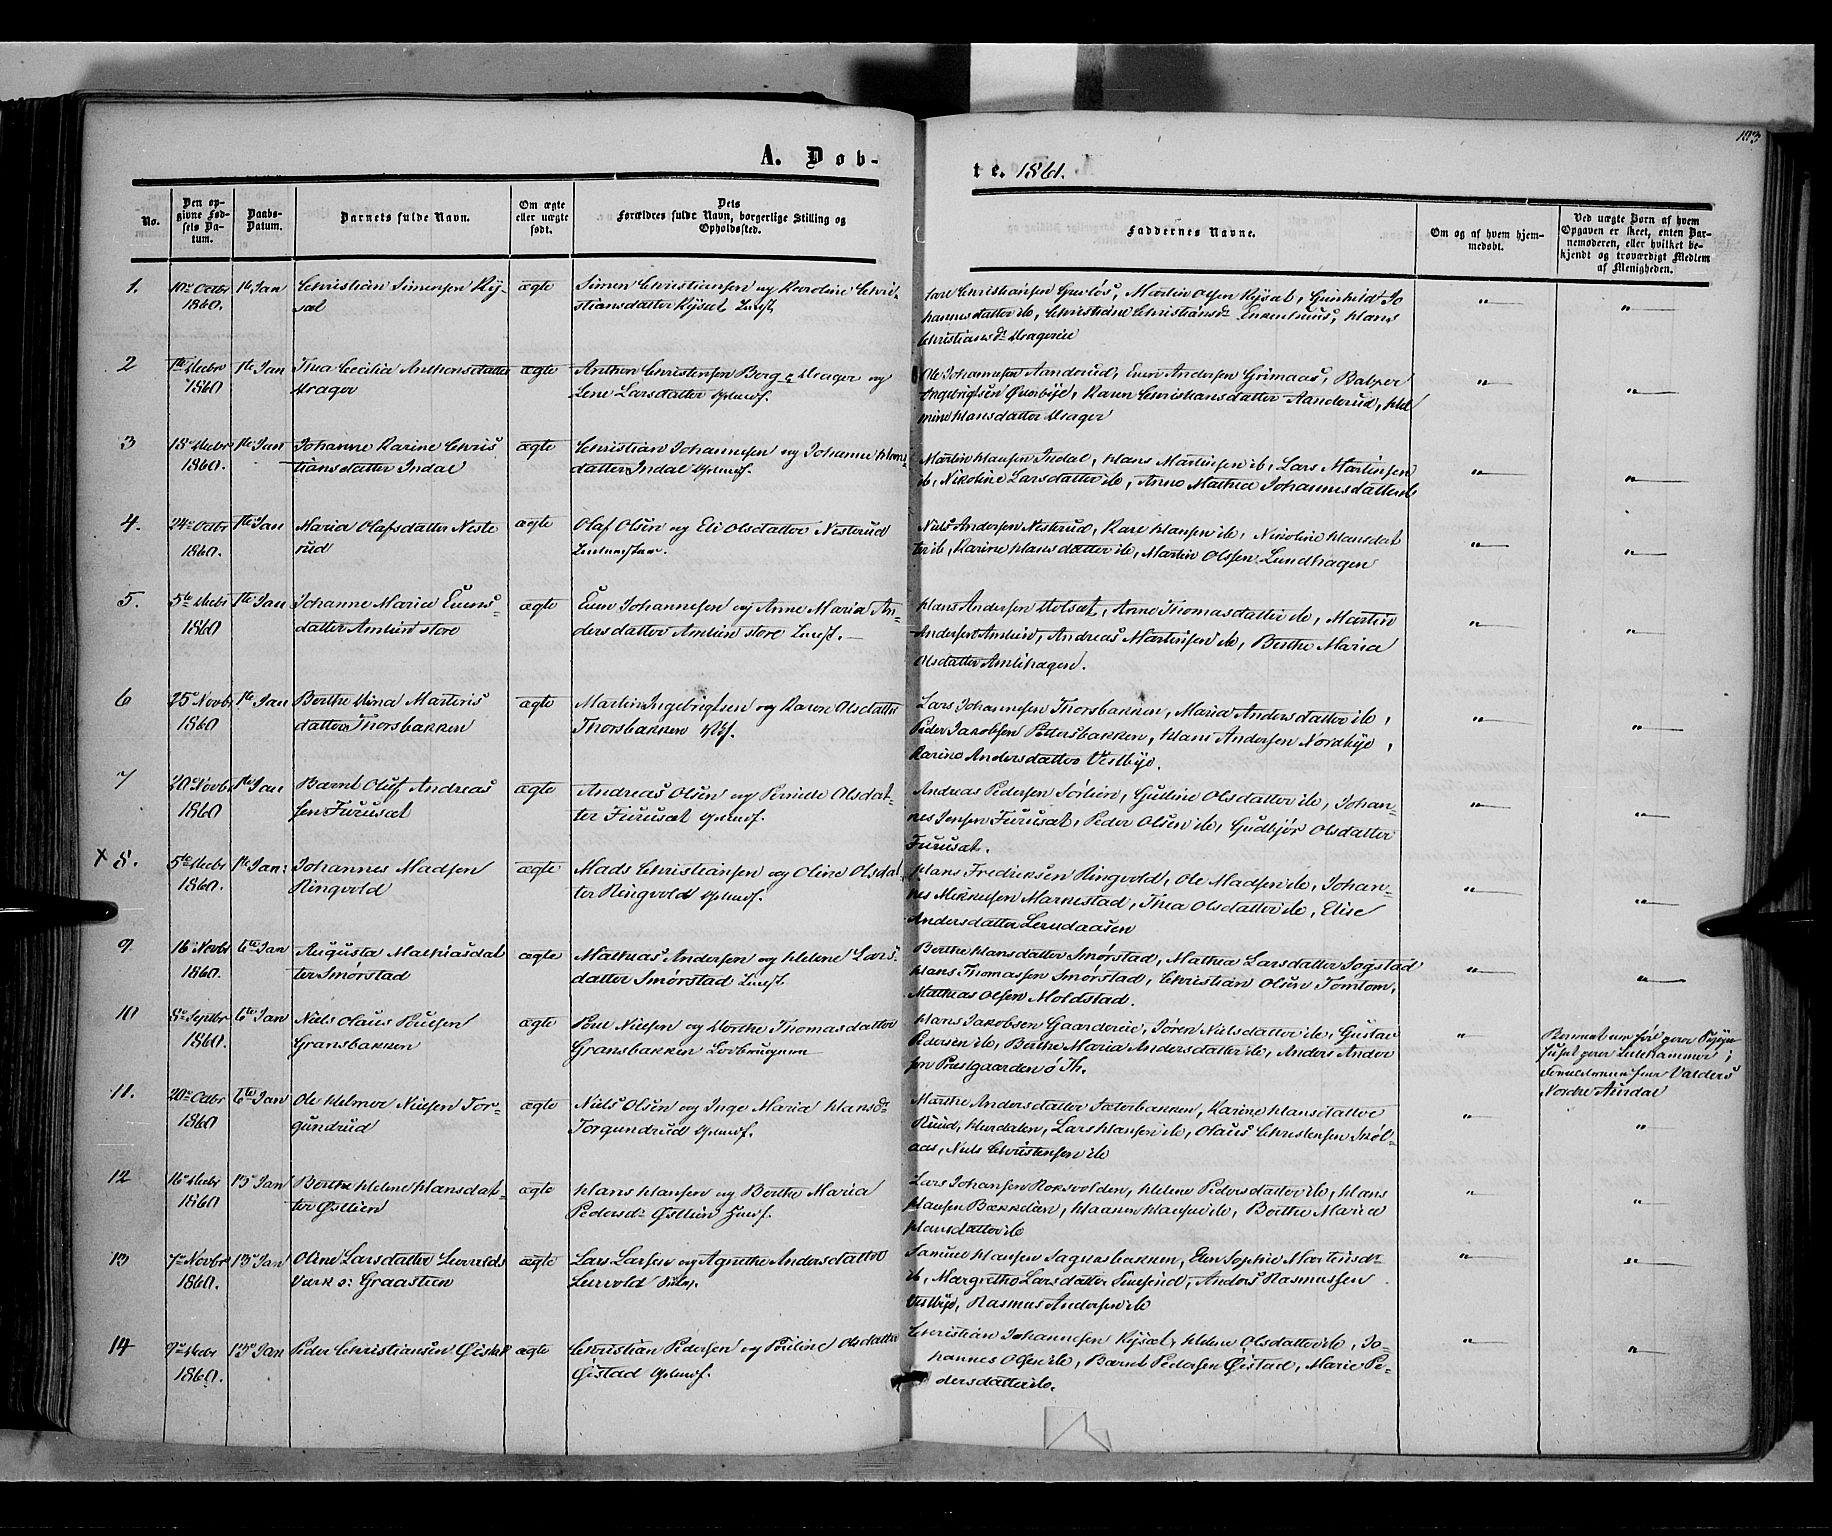 SAH, Vestre Toten prestekontor, Ministerialbok nr. 6, 1856-1861, s. 103